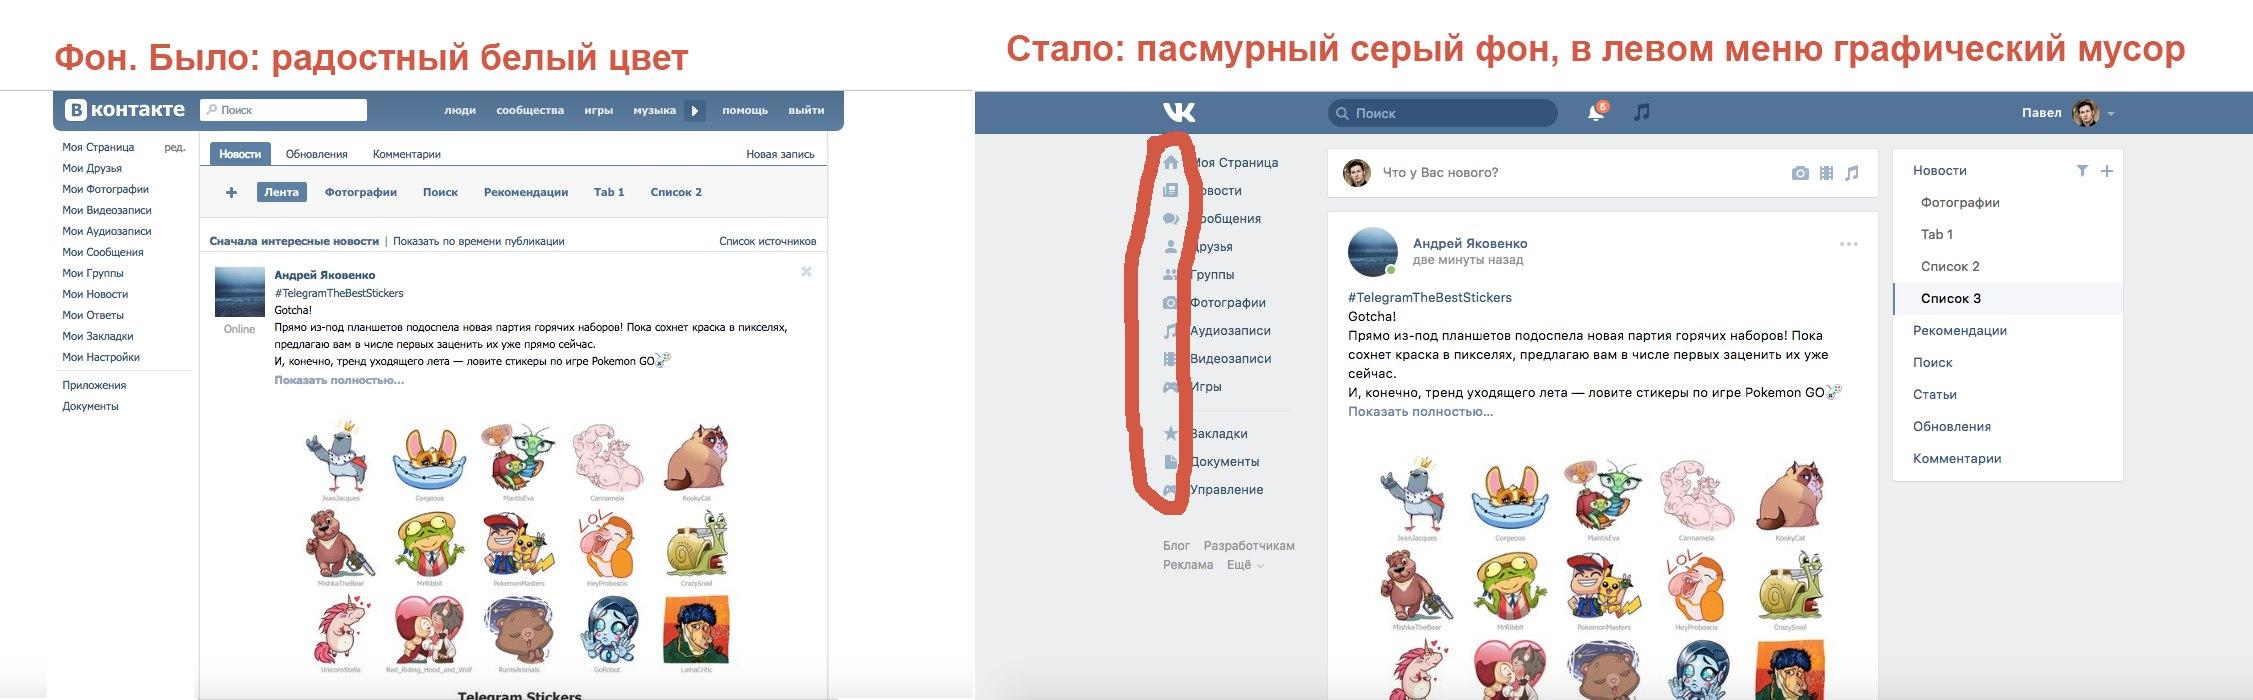 Павел Дуров о новом дизайне ВКонтакте.